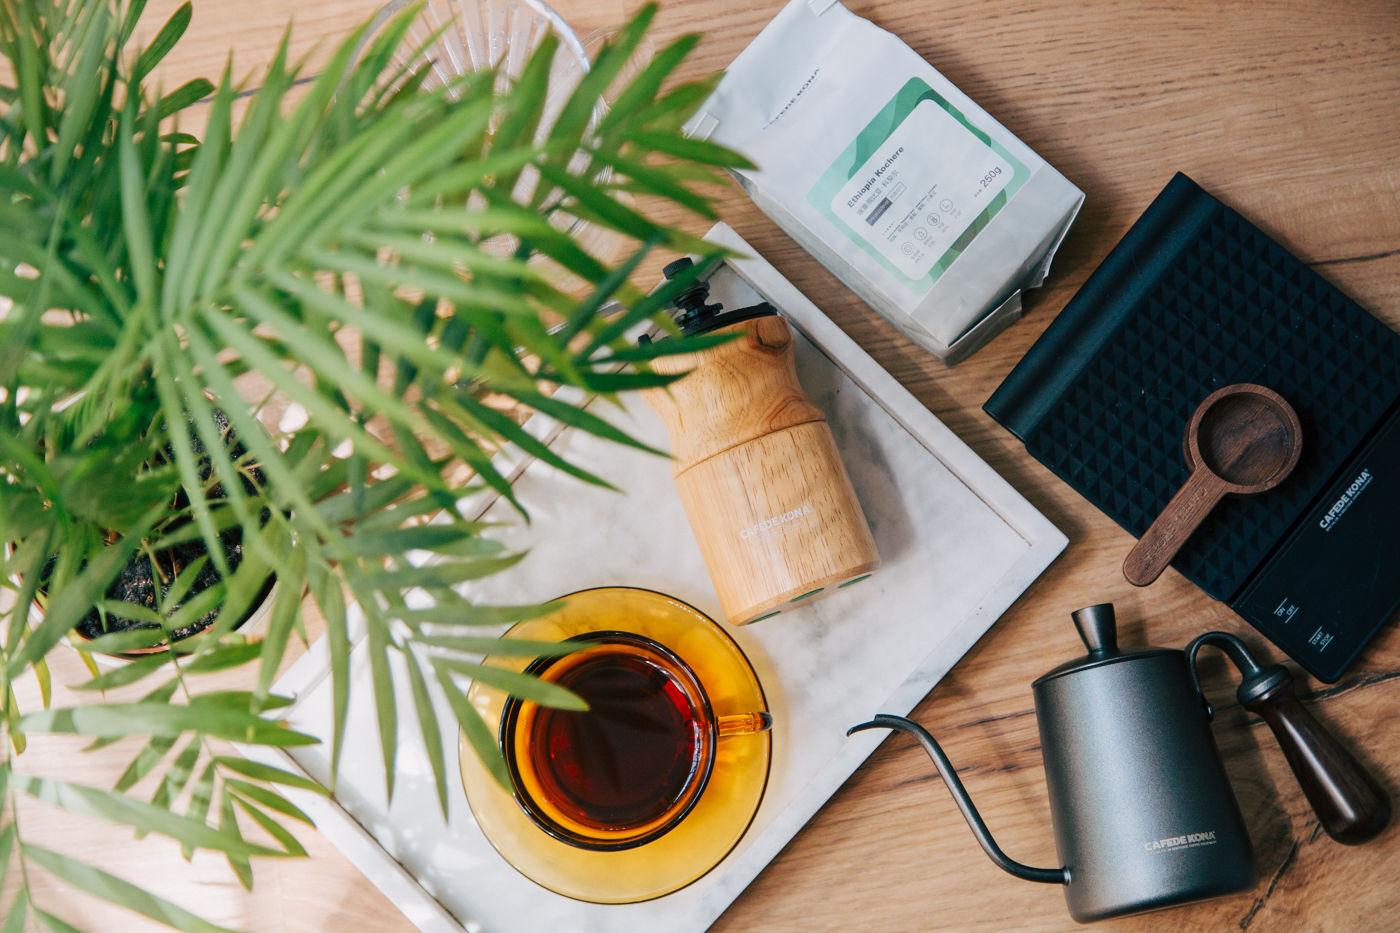 CAFEDE KONA礼盒套装,手磨咖啡初学者的福音